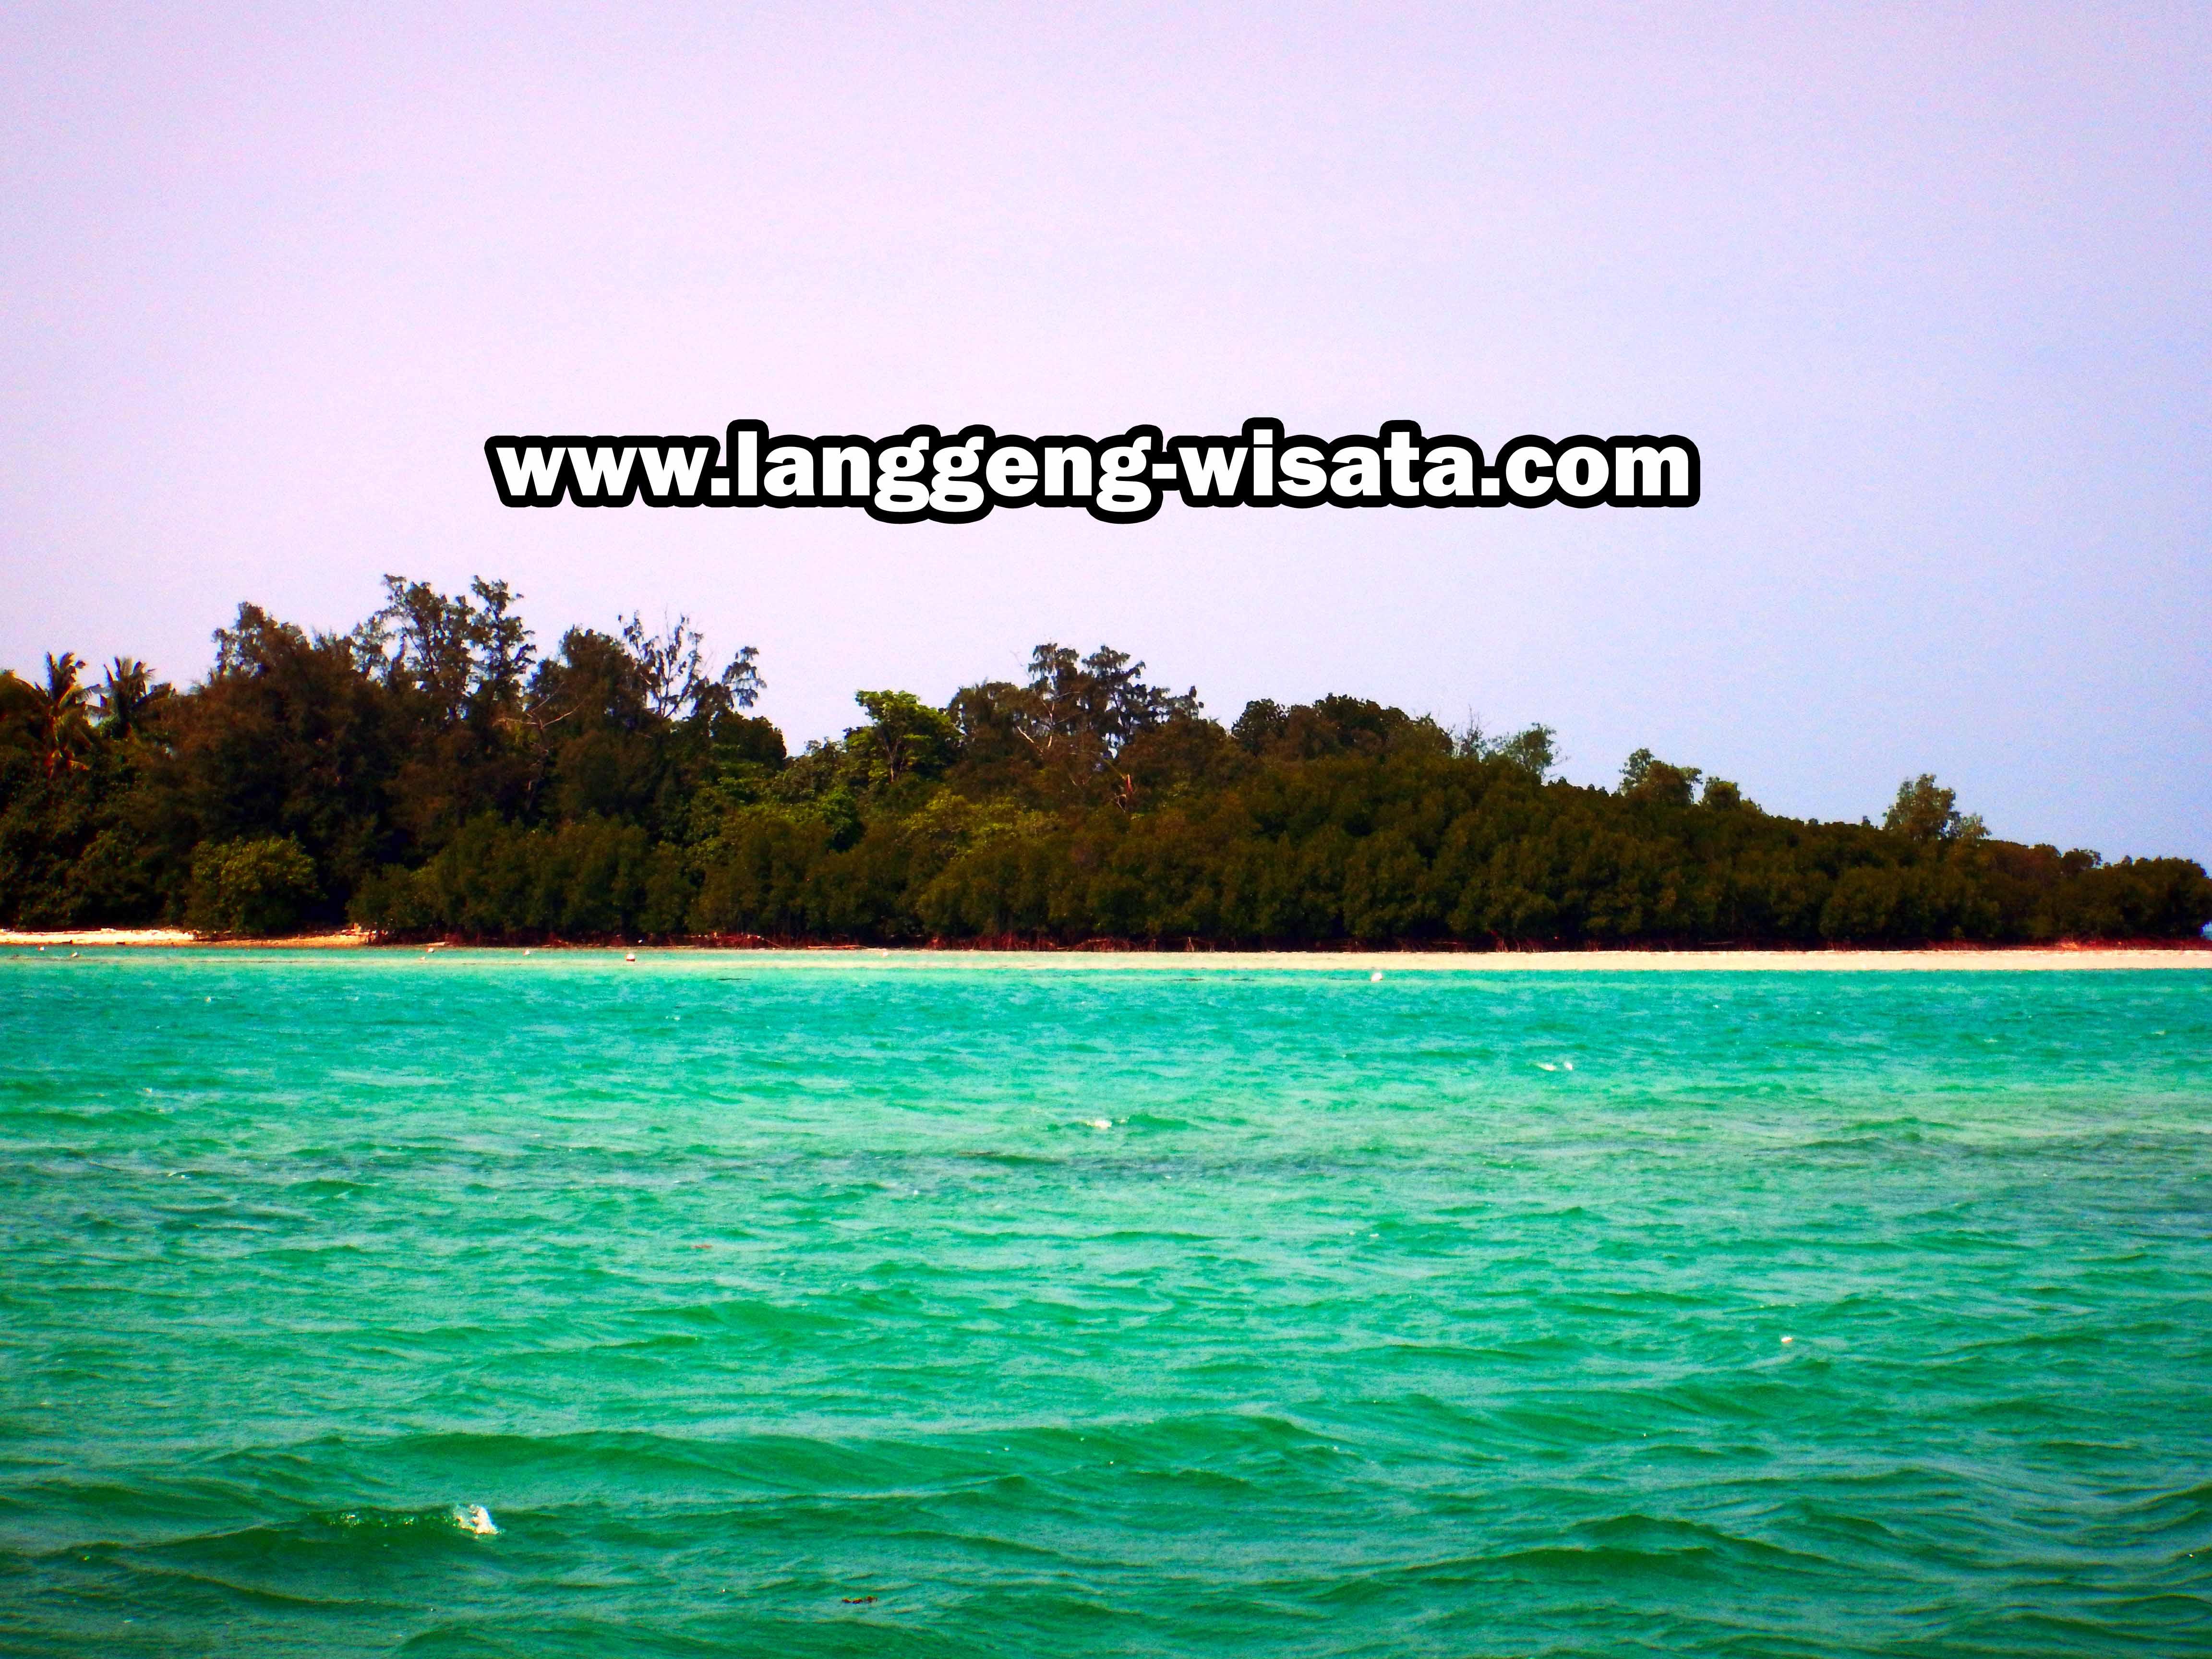 Paket Wisata Pulau Pari Untuk 2 Orang indonesia